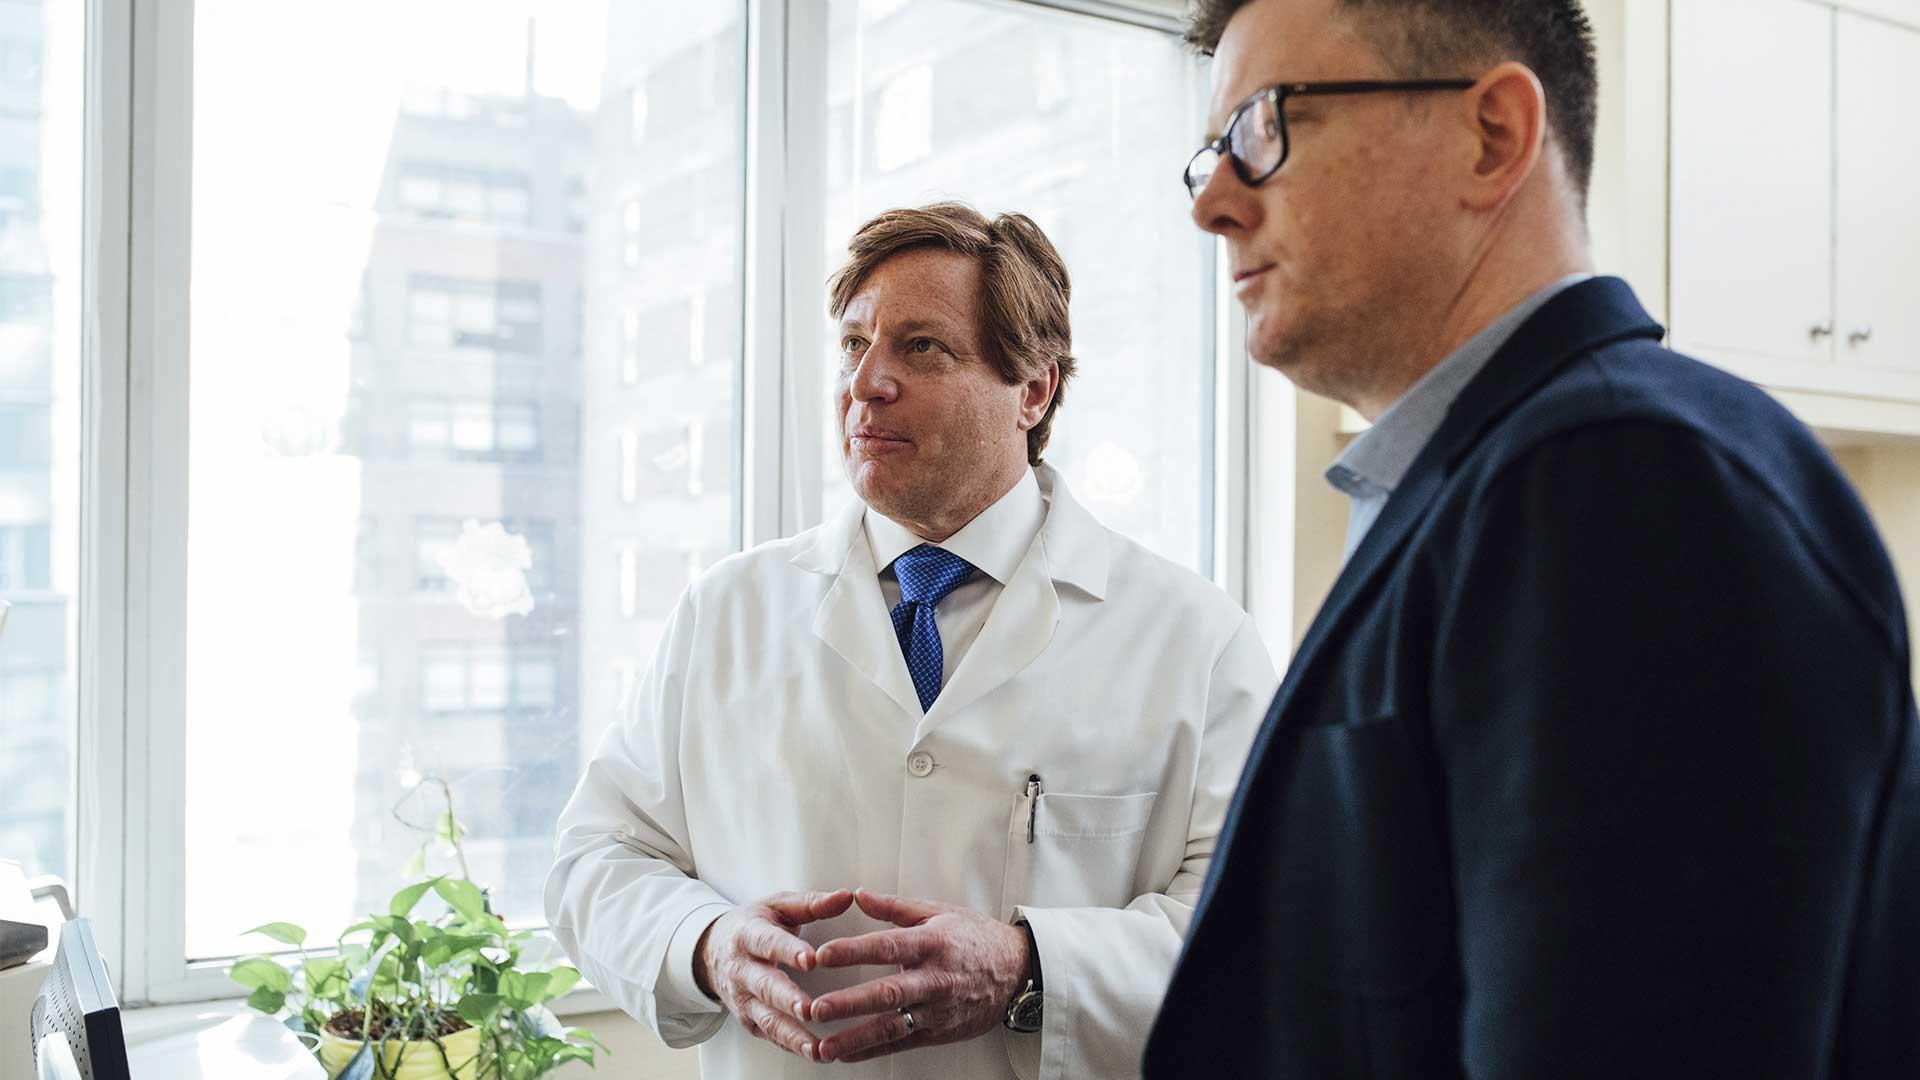 Multibillion-Dollar Health Plan Provider